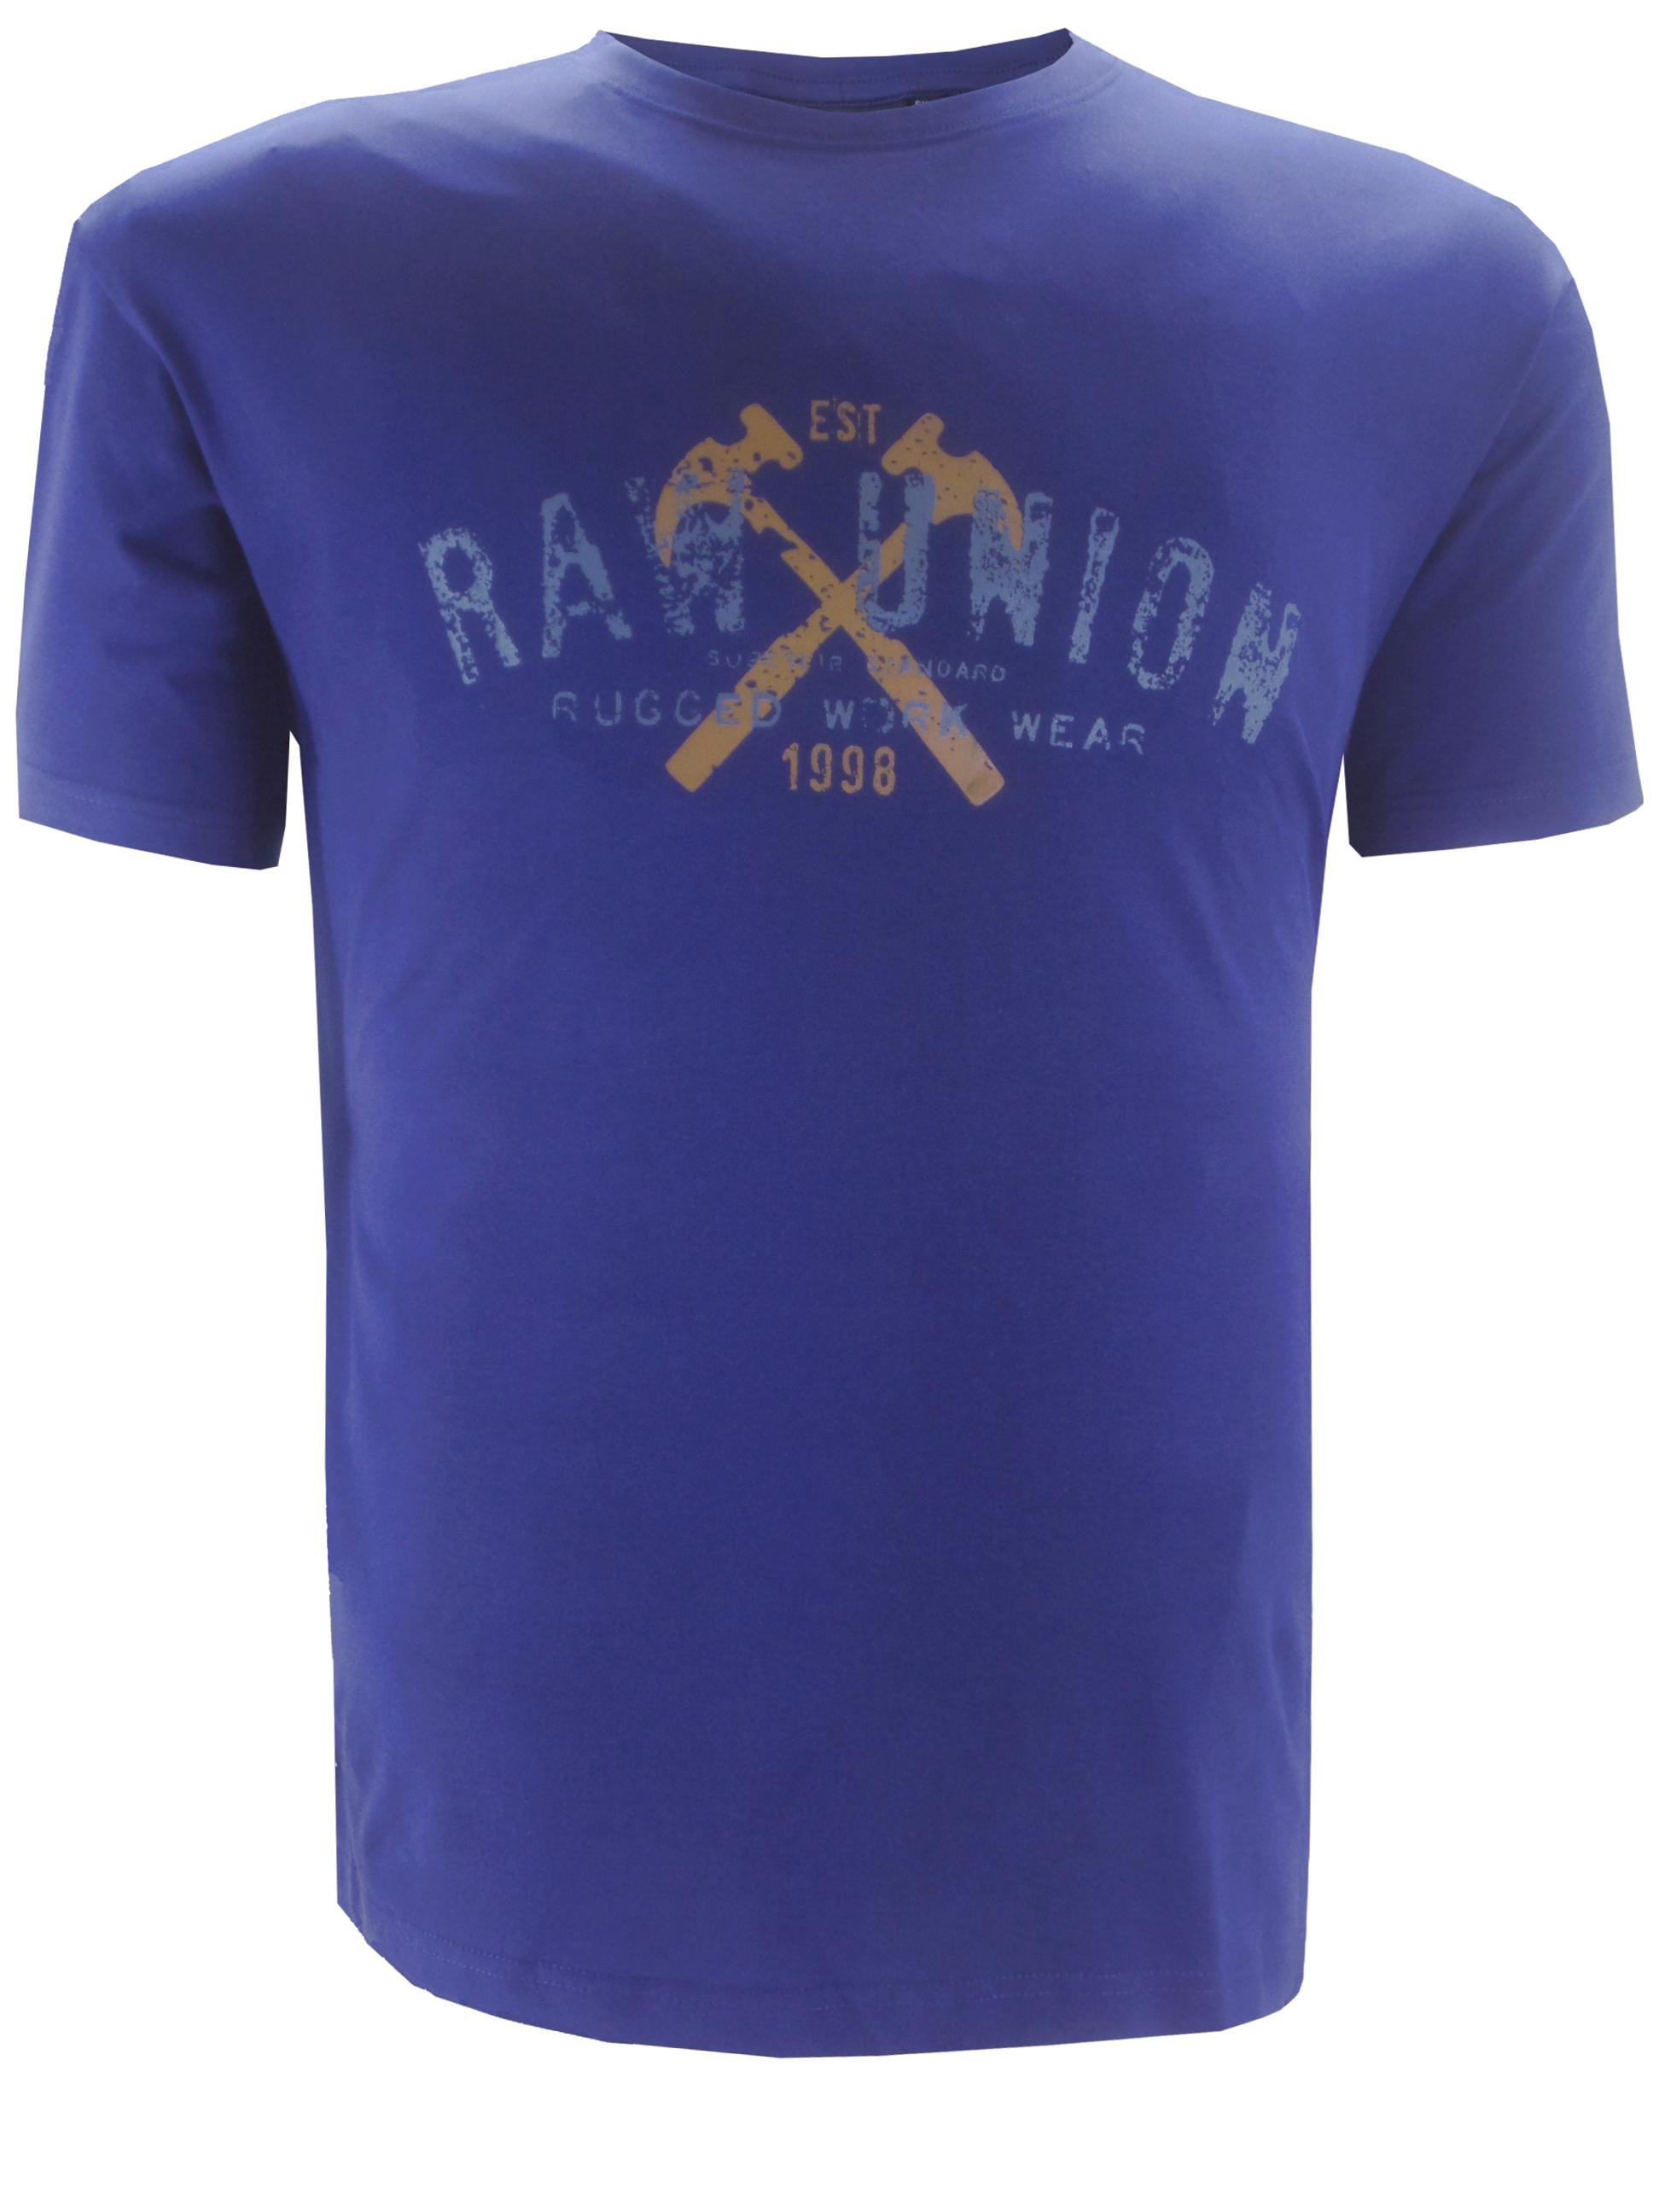 Replika t-shirt met ronde hals met een print op de voorzijde.